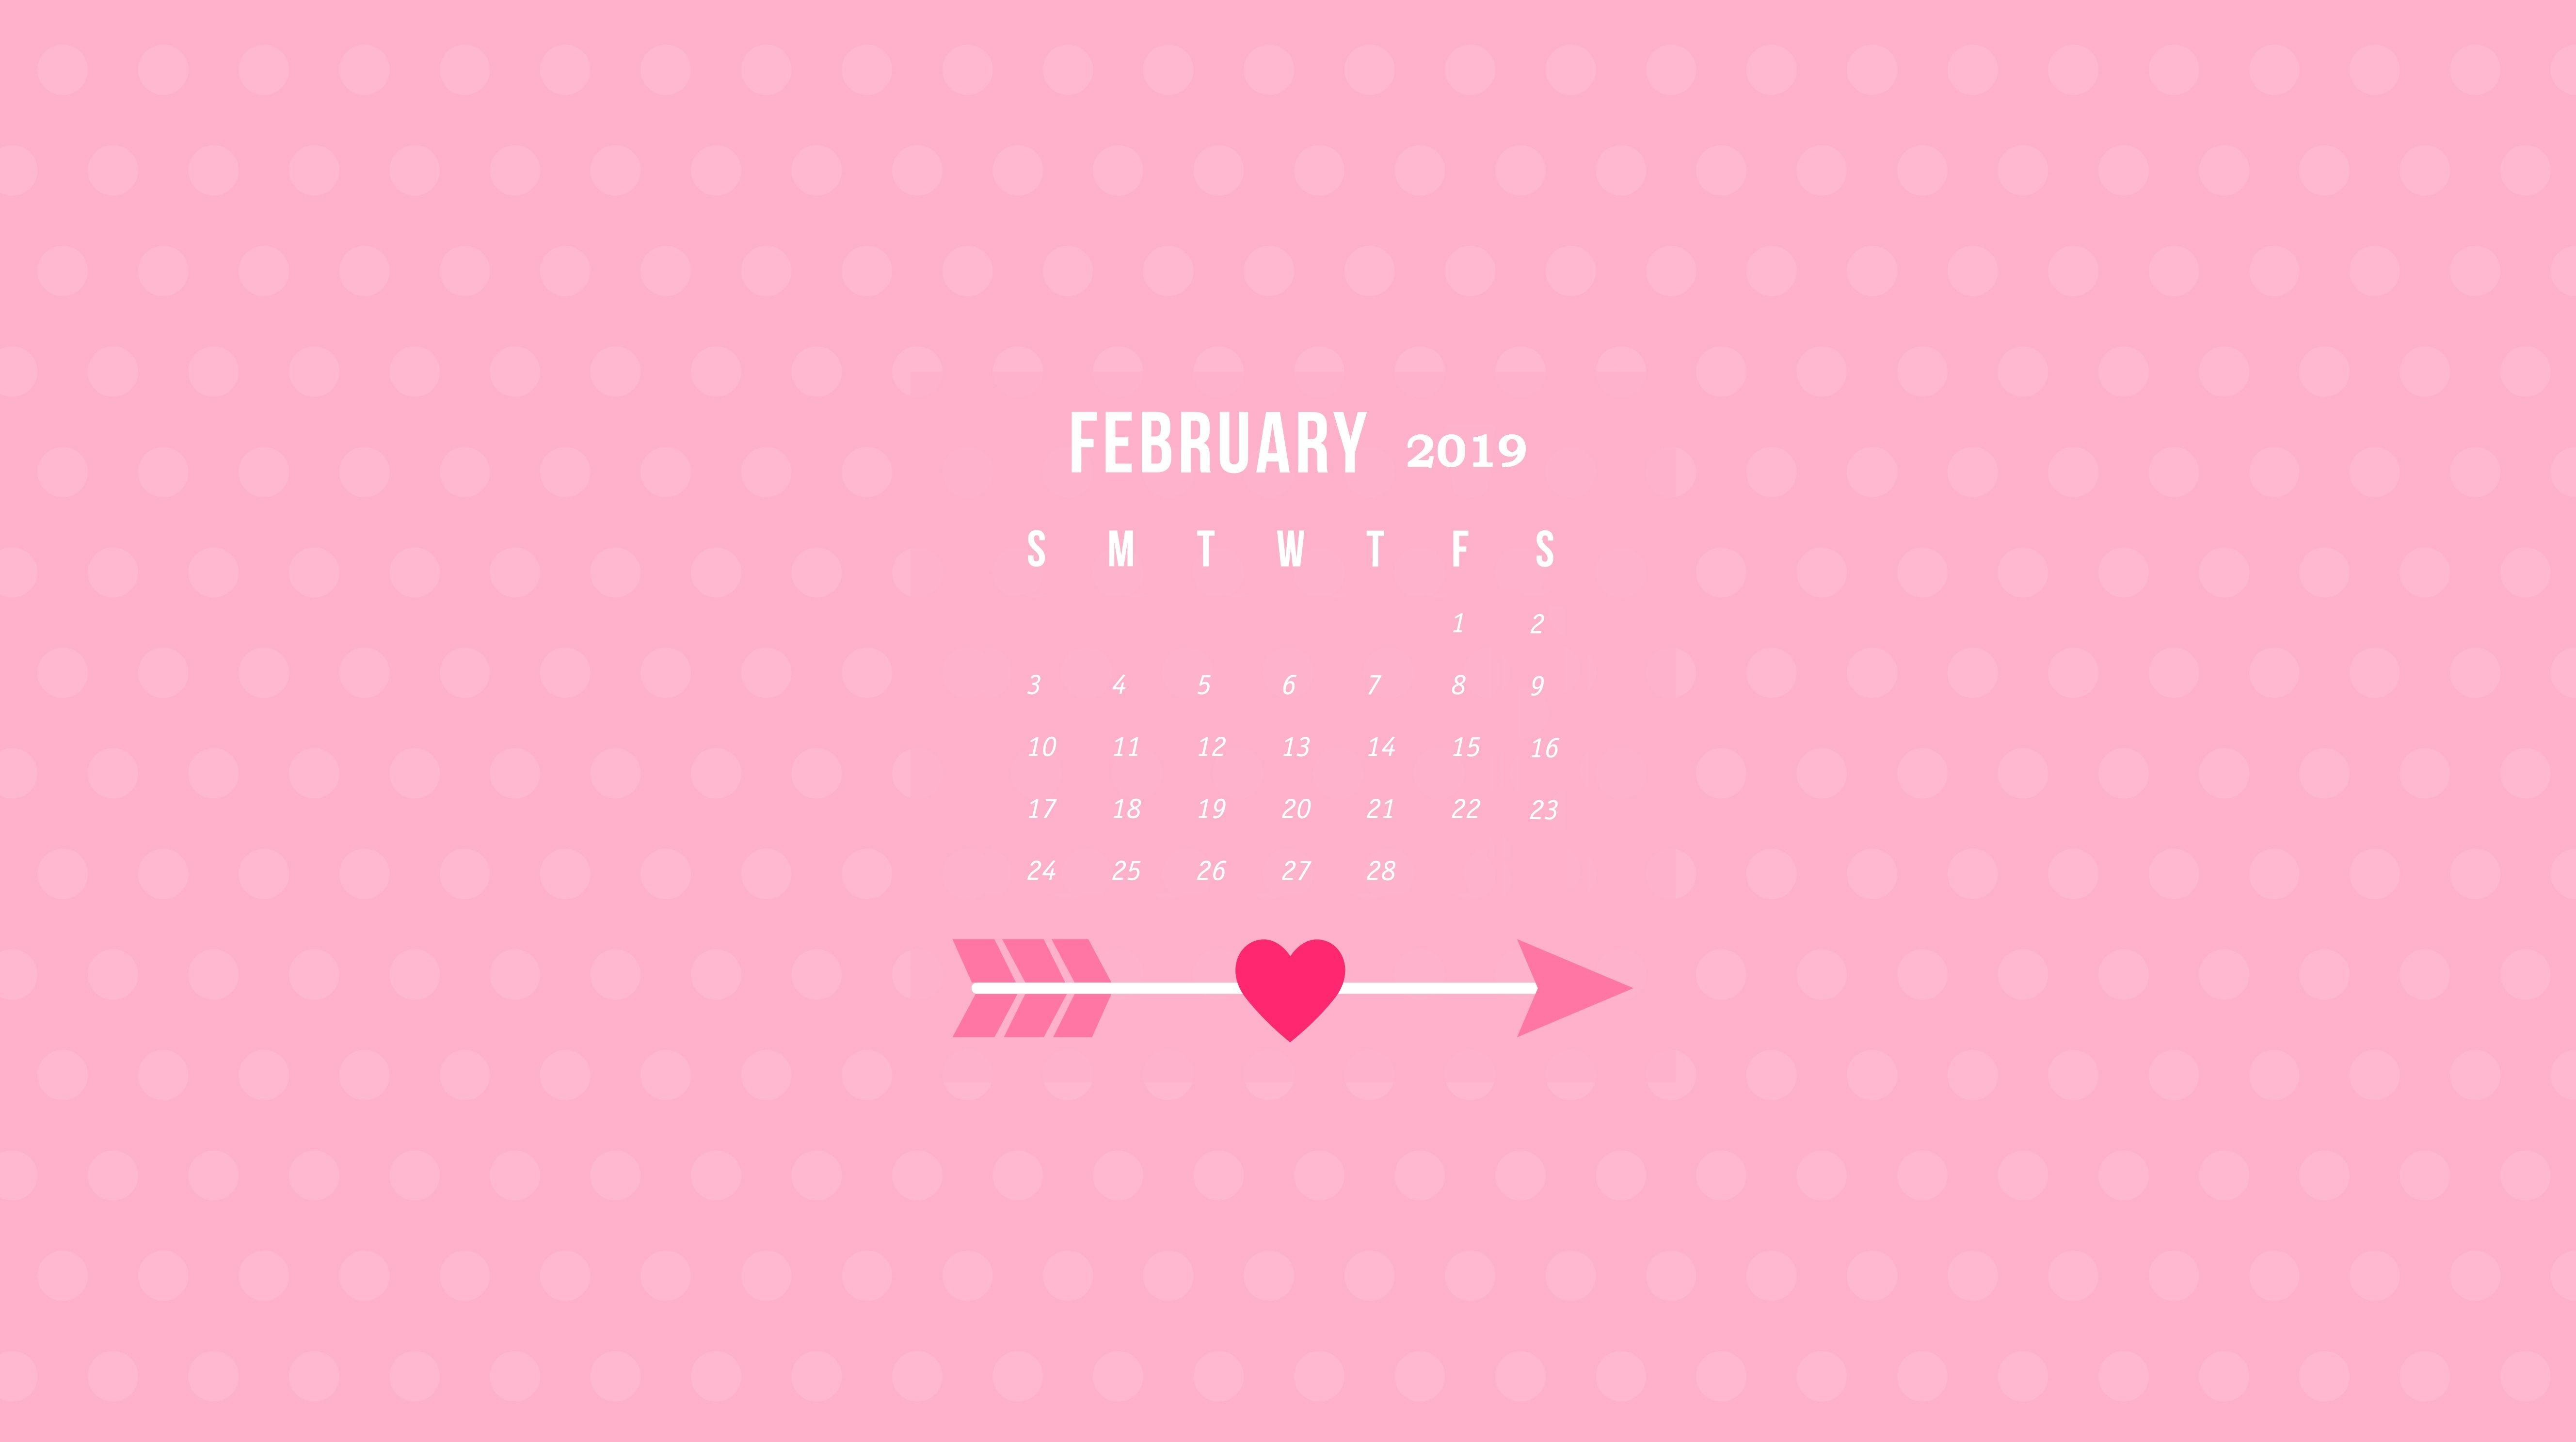 2019 february calendar wallpaper hdwallpapers monthly calendar::February 2019 Desktop Calendar